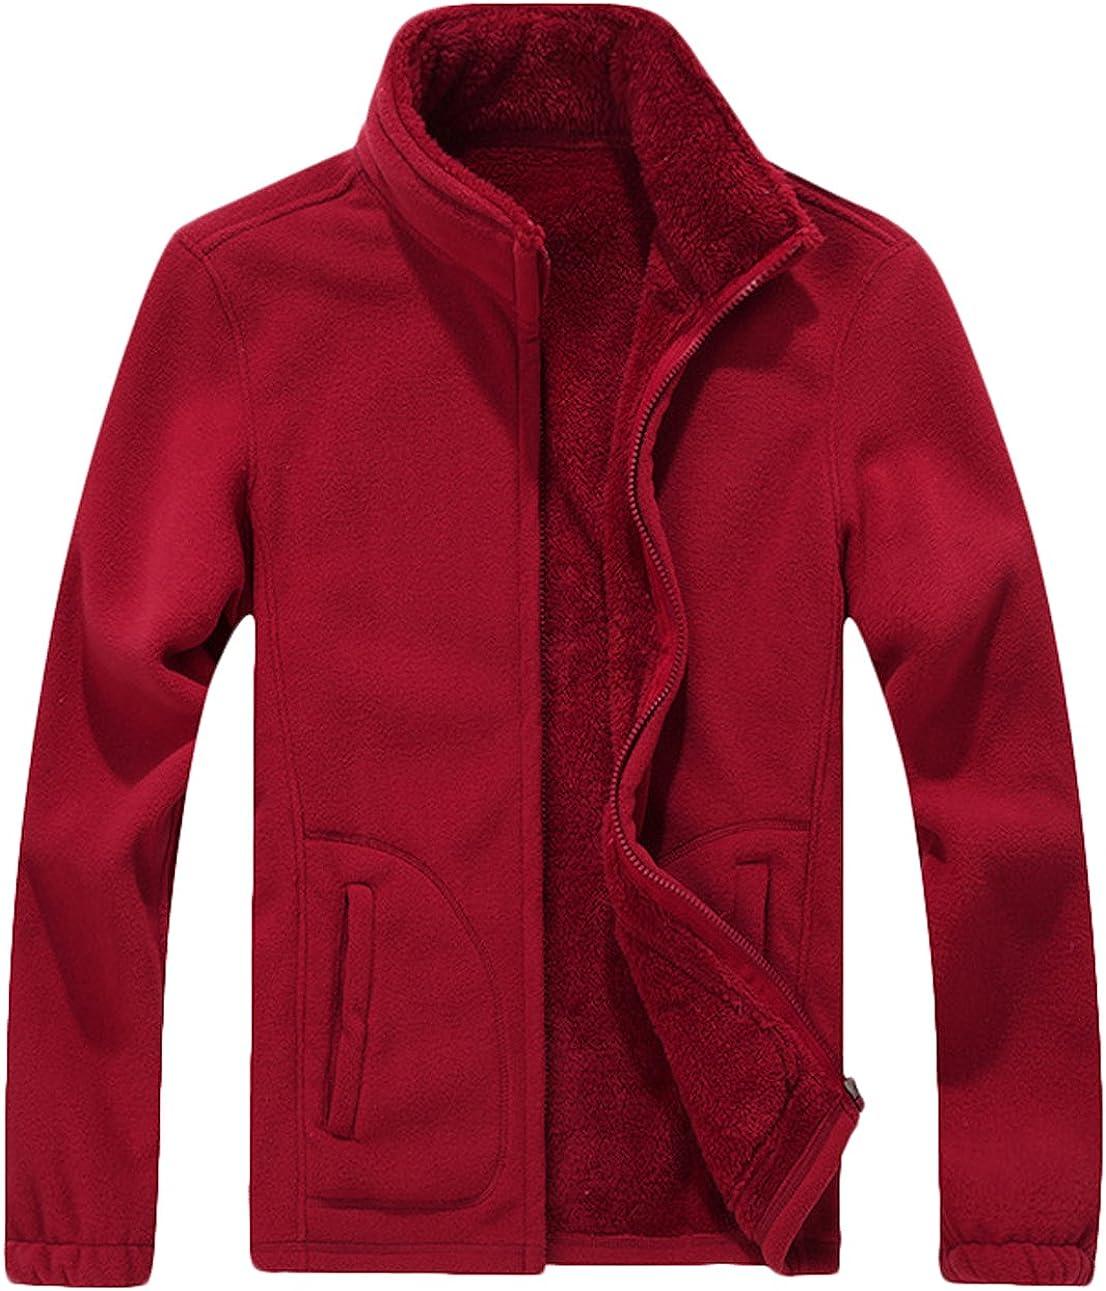 Youhan Mens Winter Thicken Full Zip Polar Fleece Jacket